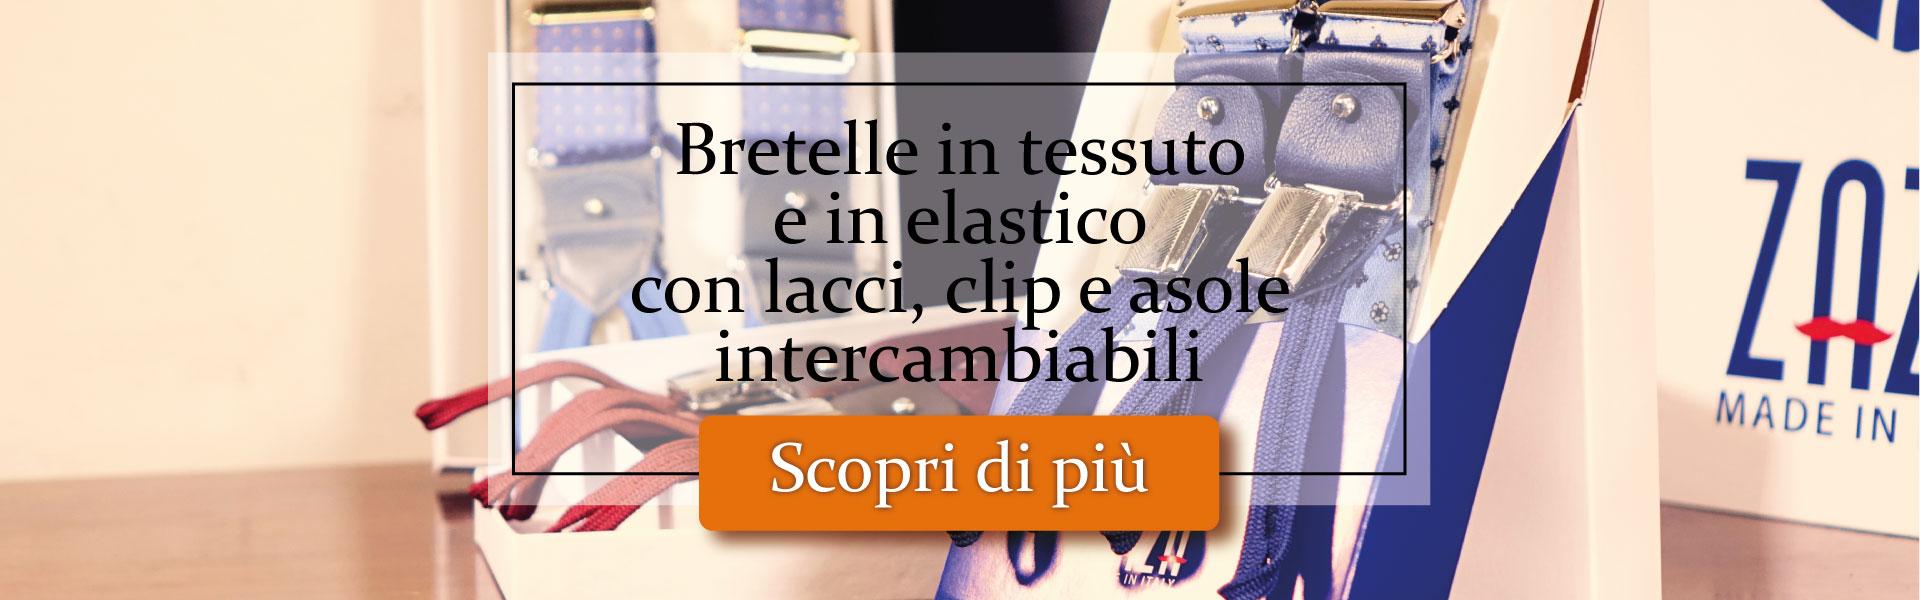 Bretelle fatte a mano in Italia ocn lacci, clip e asole intercambiabili